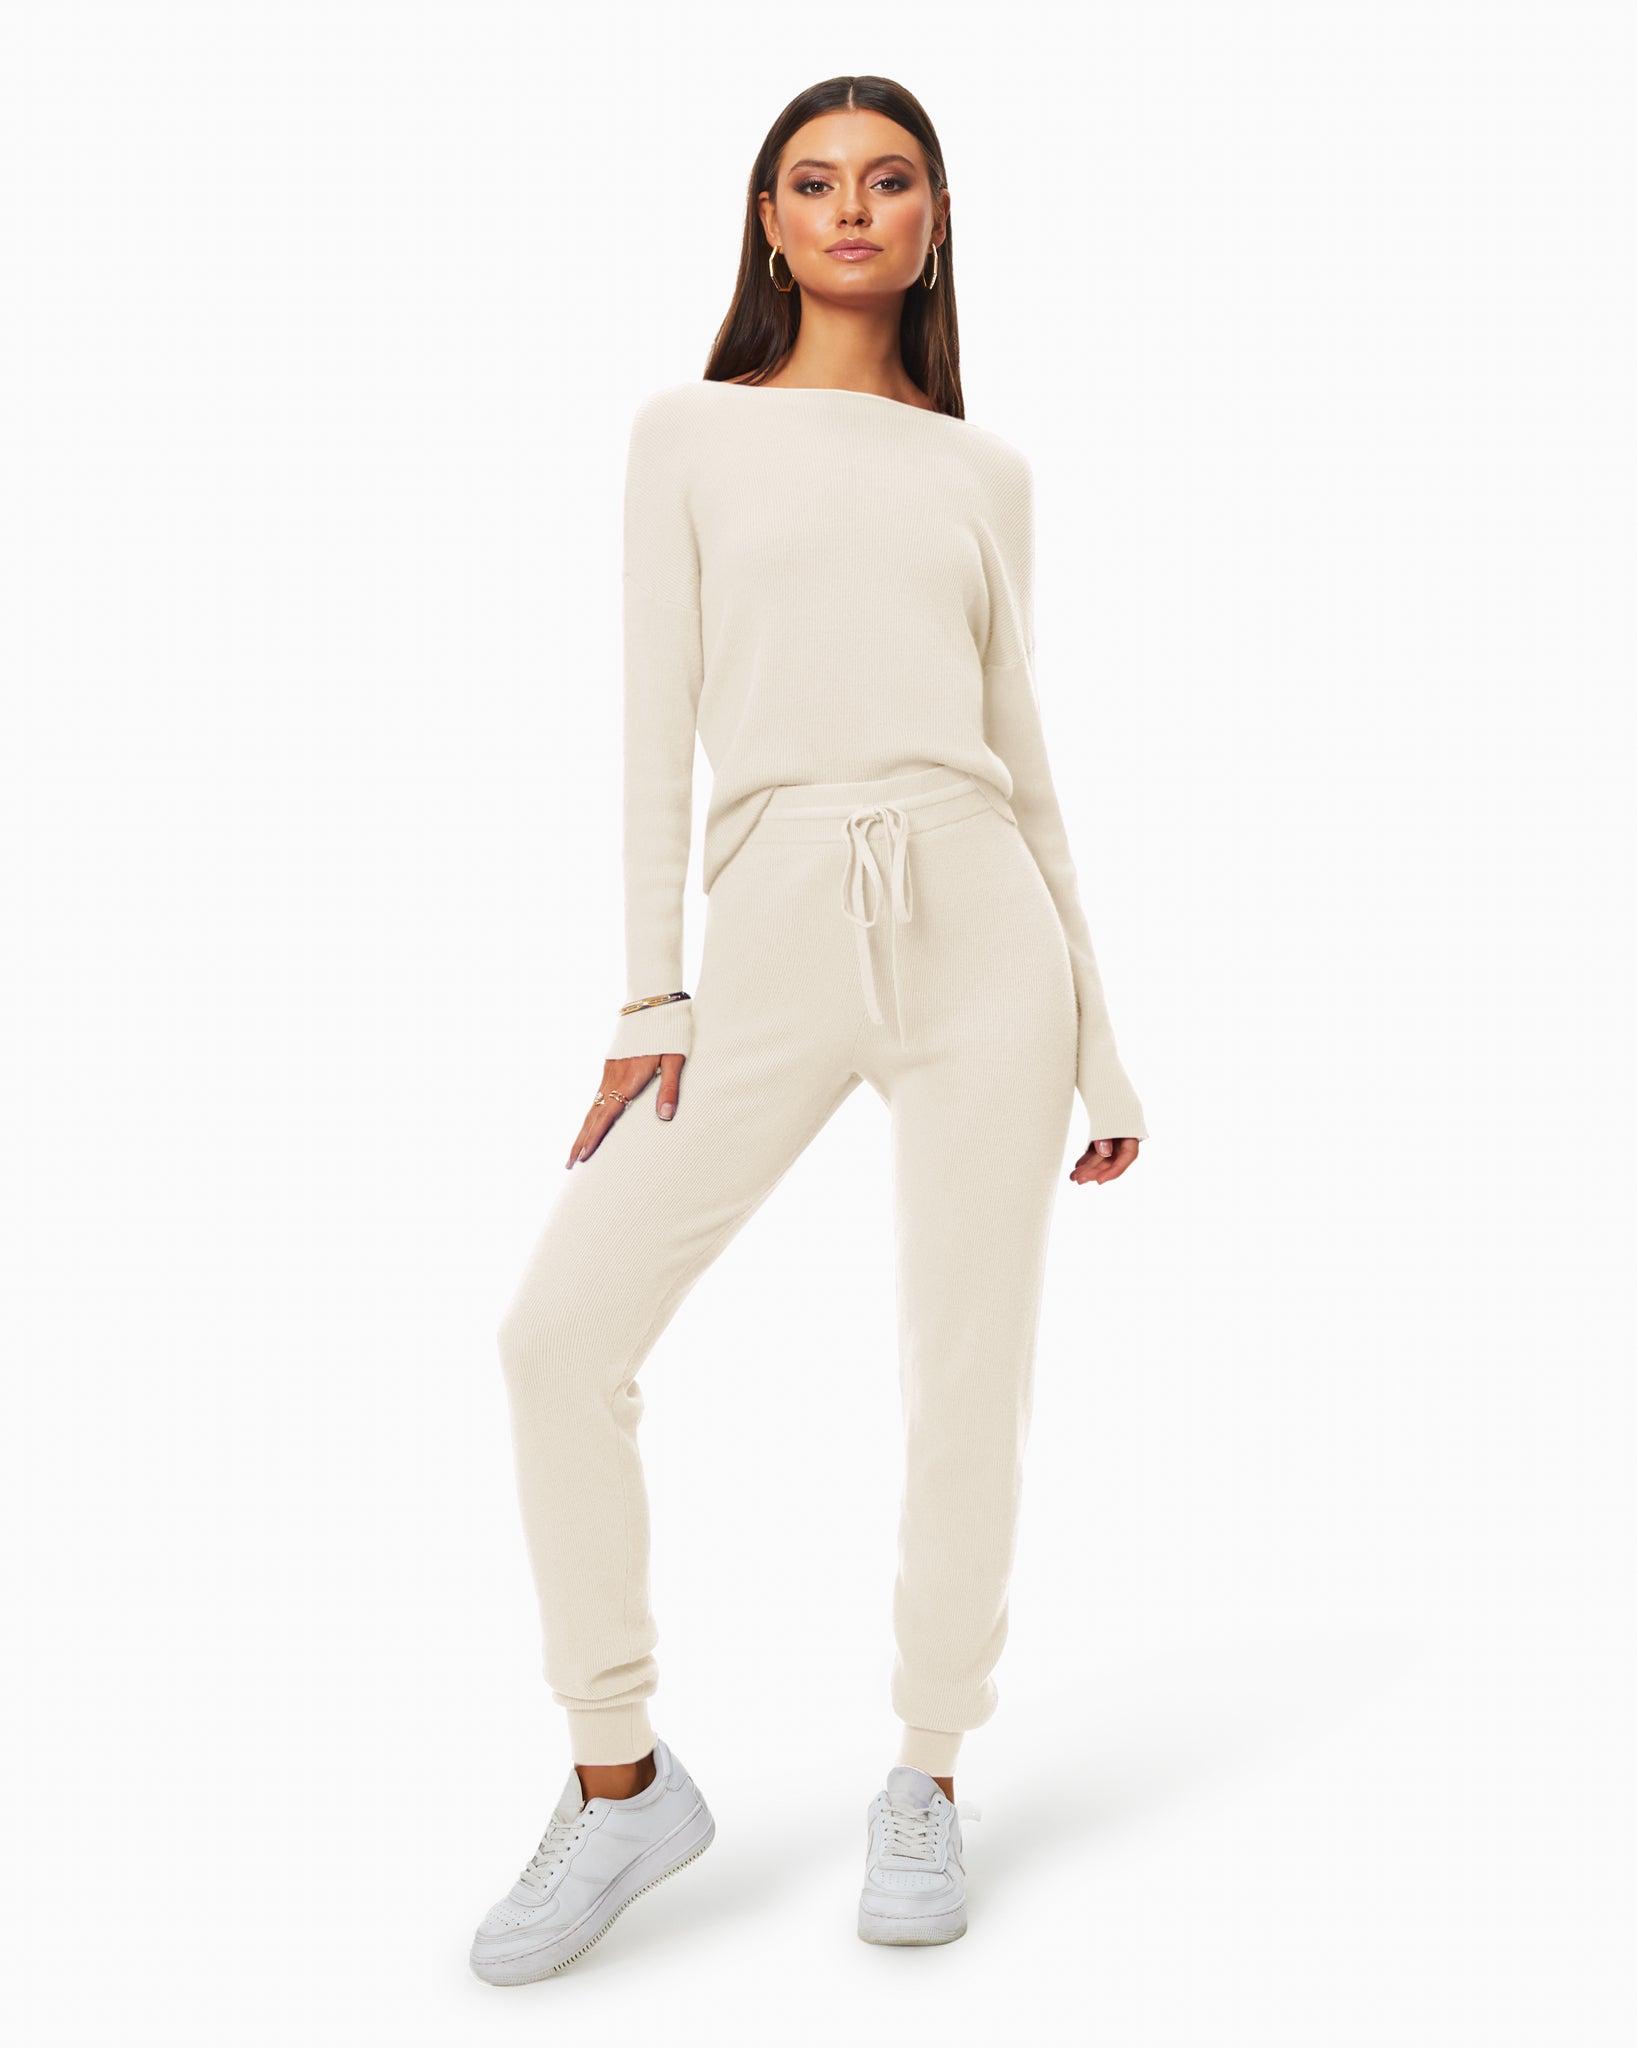 Landon Knit Jogger in Cream - Cream - Size: S